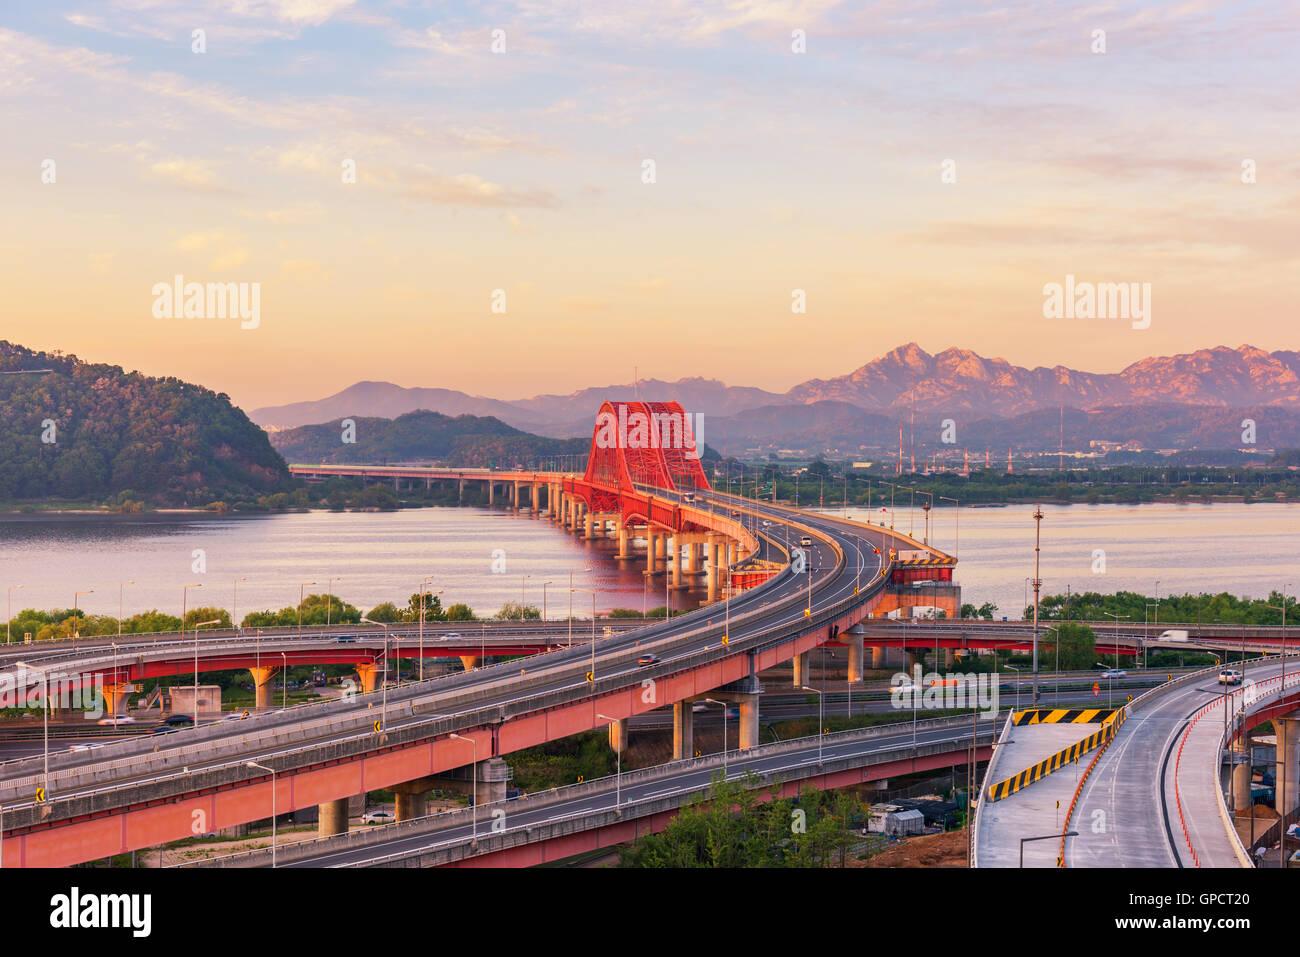 Atardecer en el puente Banghwa en Seúl, Corea. Imagen De Stock